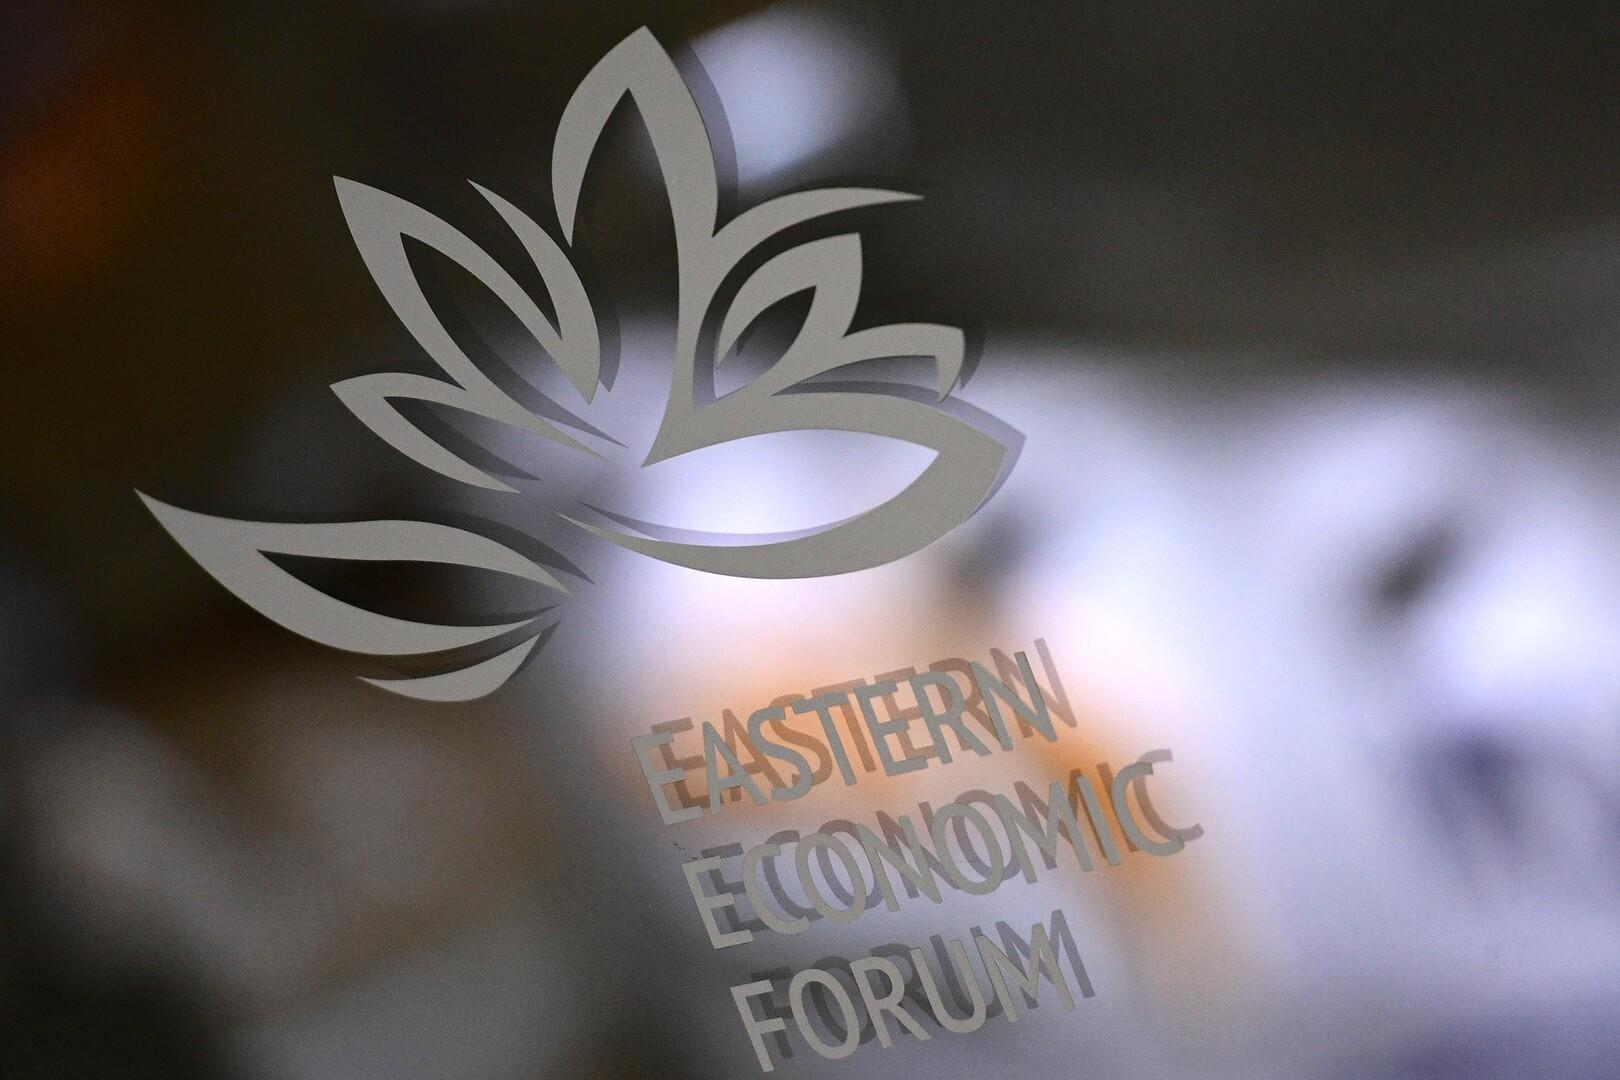 حصيلة منتدى الشرق الاقتصادي.. 270 اتفاقية بأكثر من 51 مليار دولار